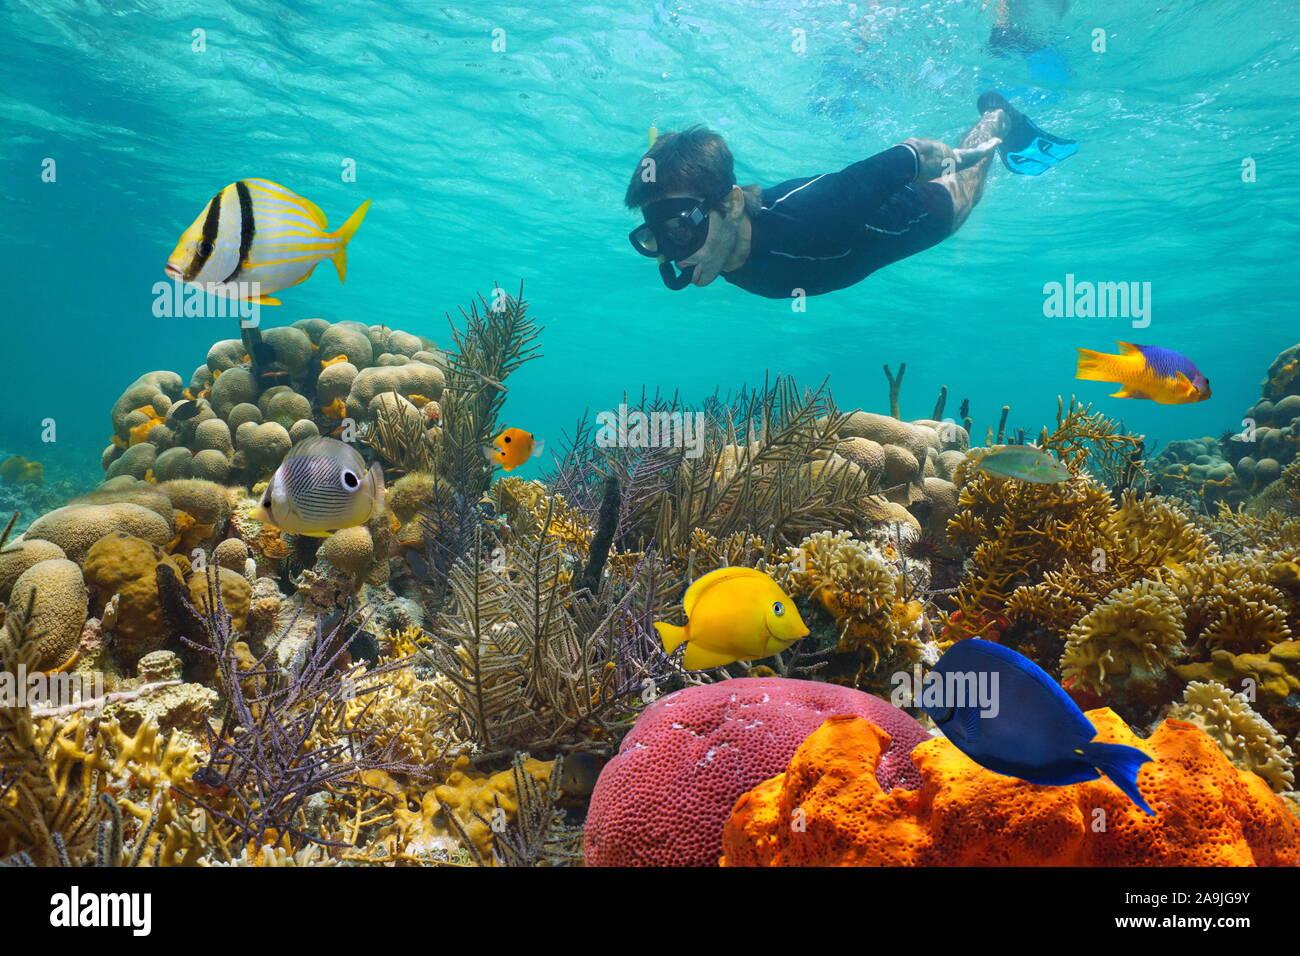 Mer des Caraïbes, les récifs coralliens colorés avec des poissons tropicaux et un homme sous-marine Plongée avec Tuba Banque D'Images